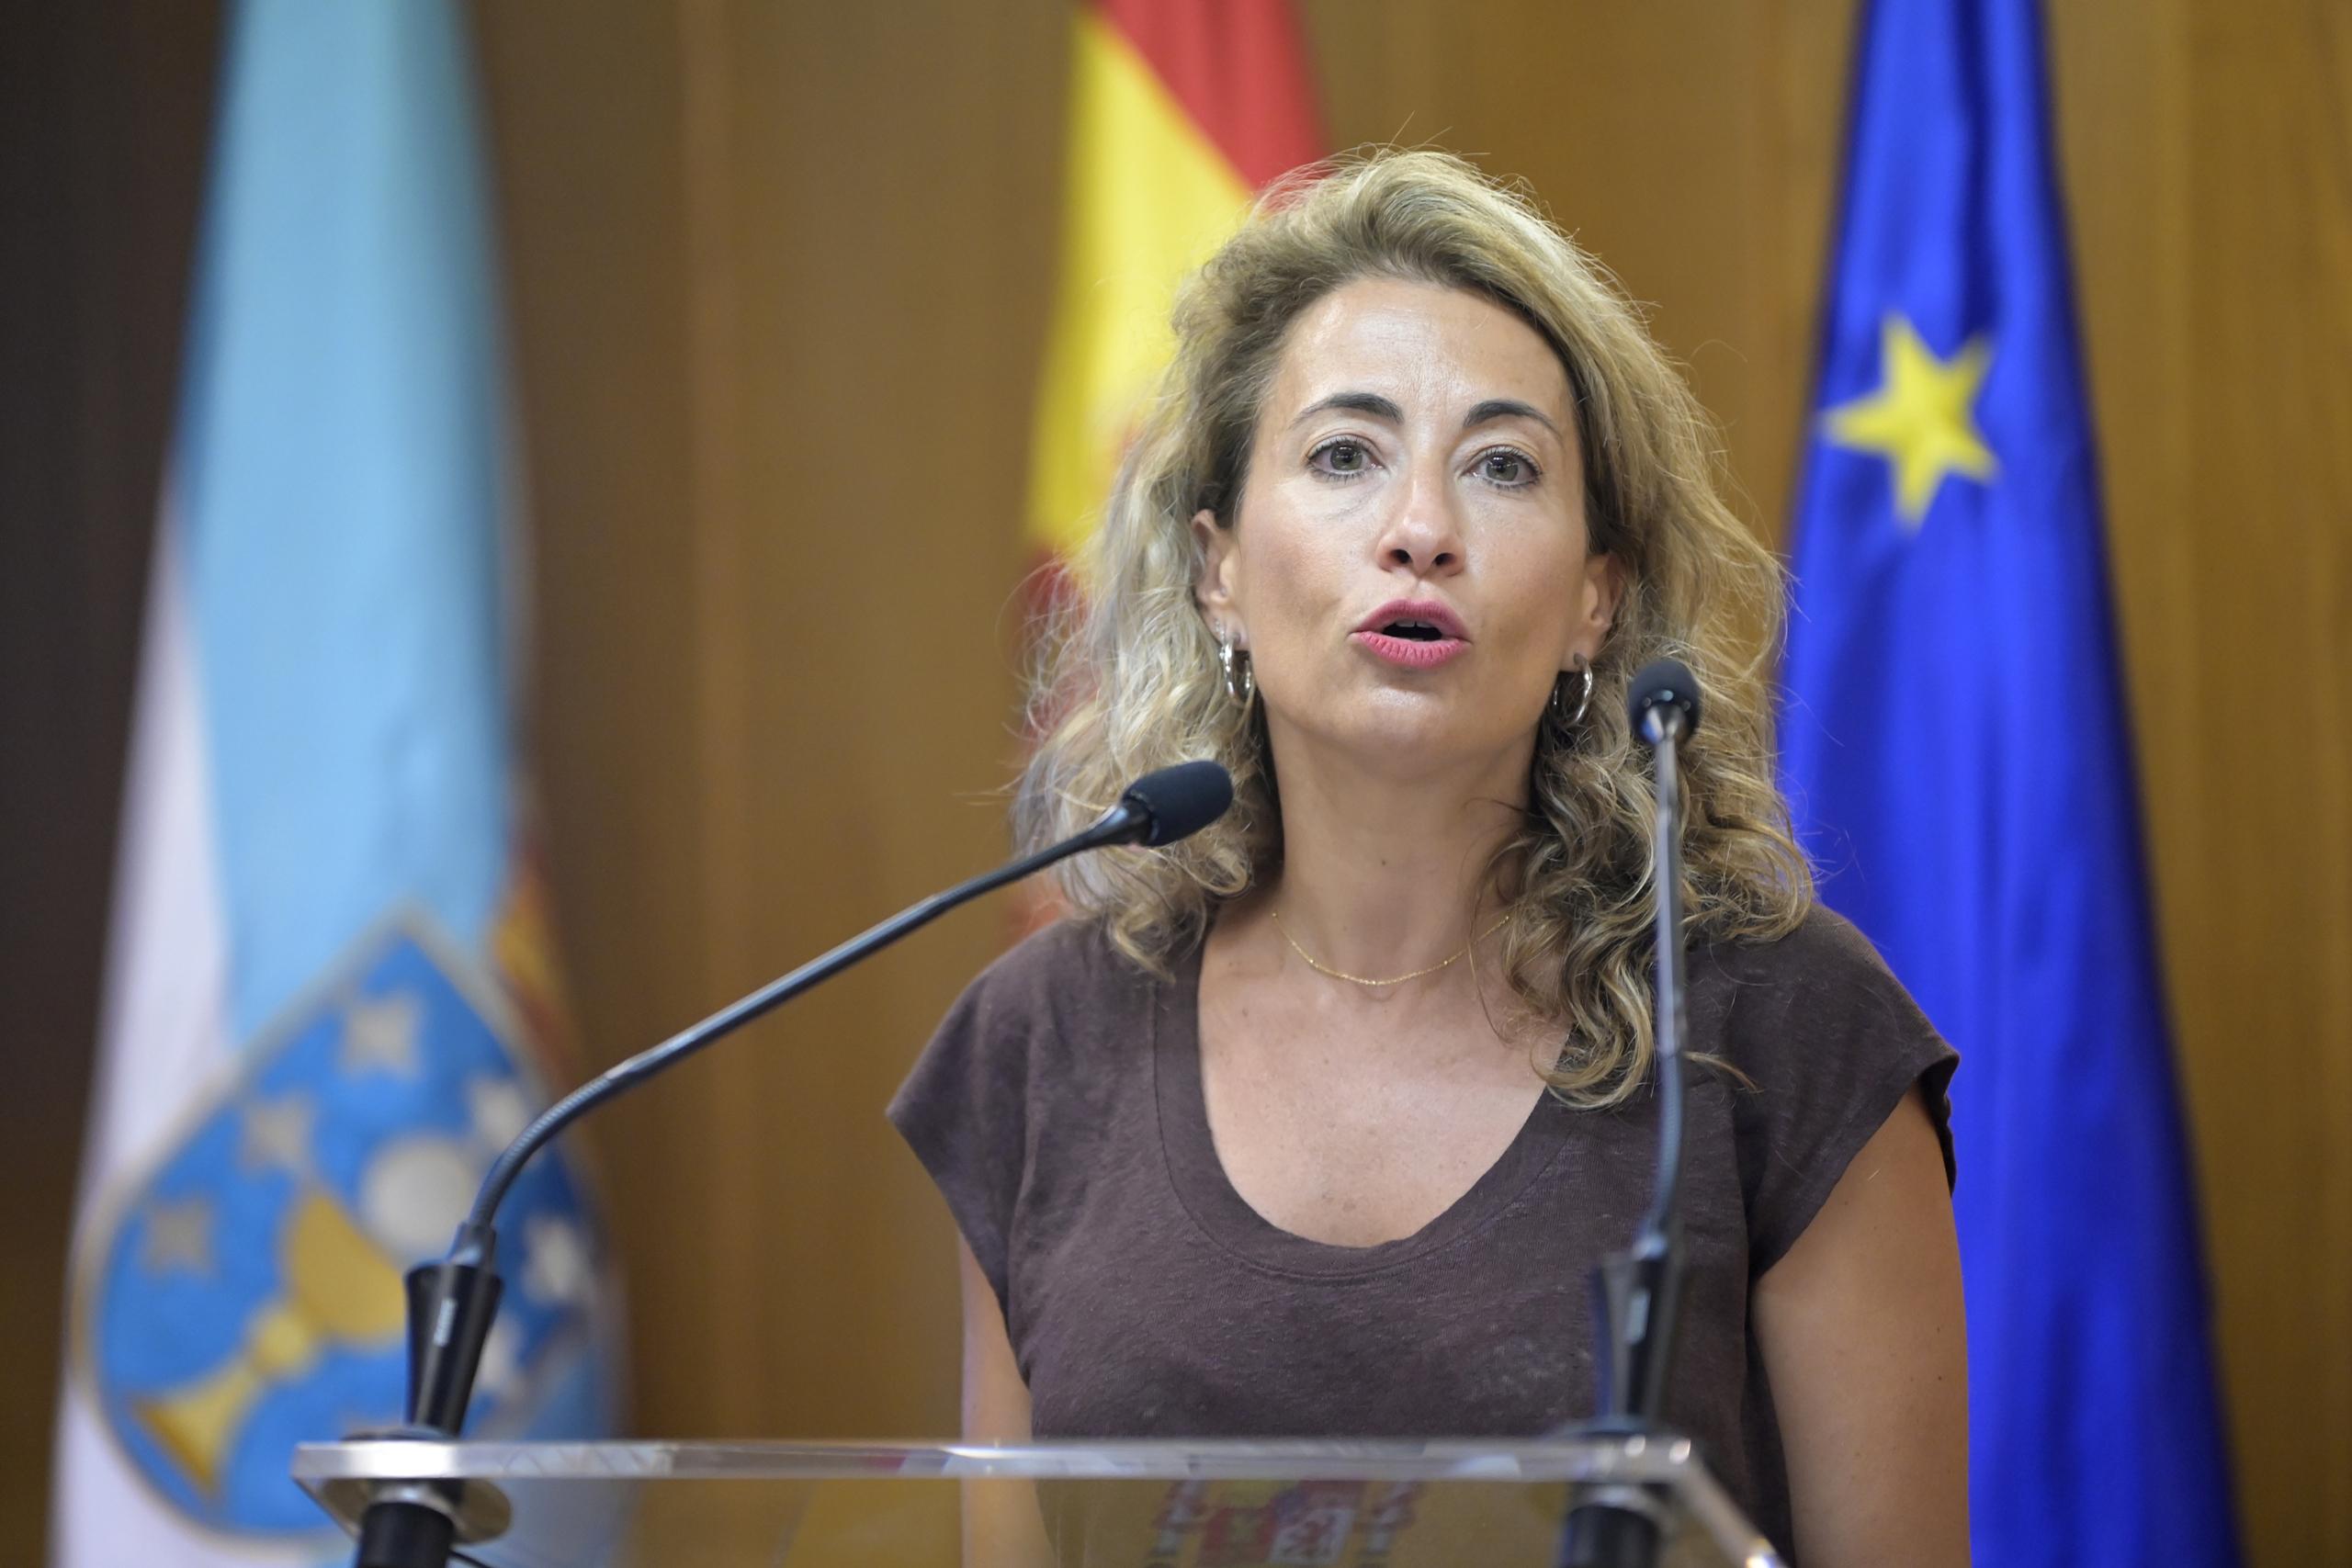 La ministra de Transport, Mobilitat i Agenda Urbana, Raquel Sánchez | Europa Press